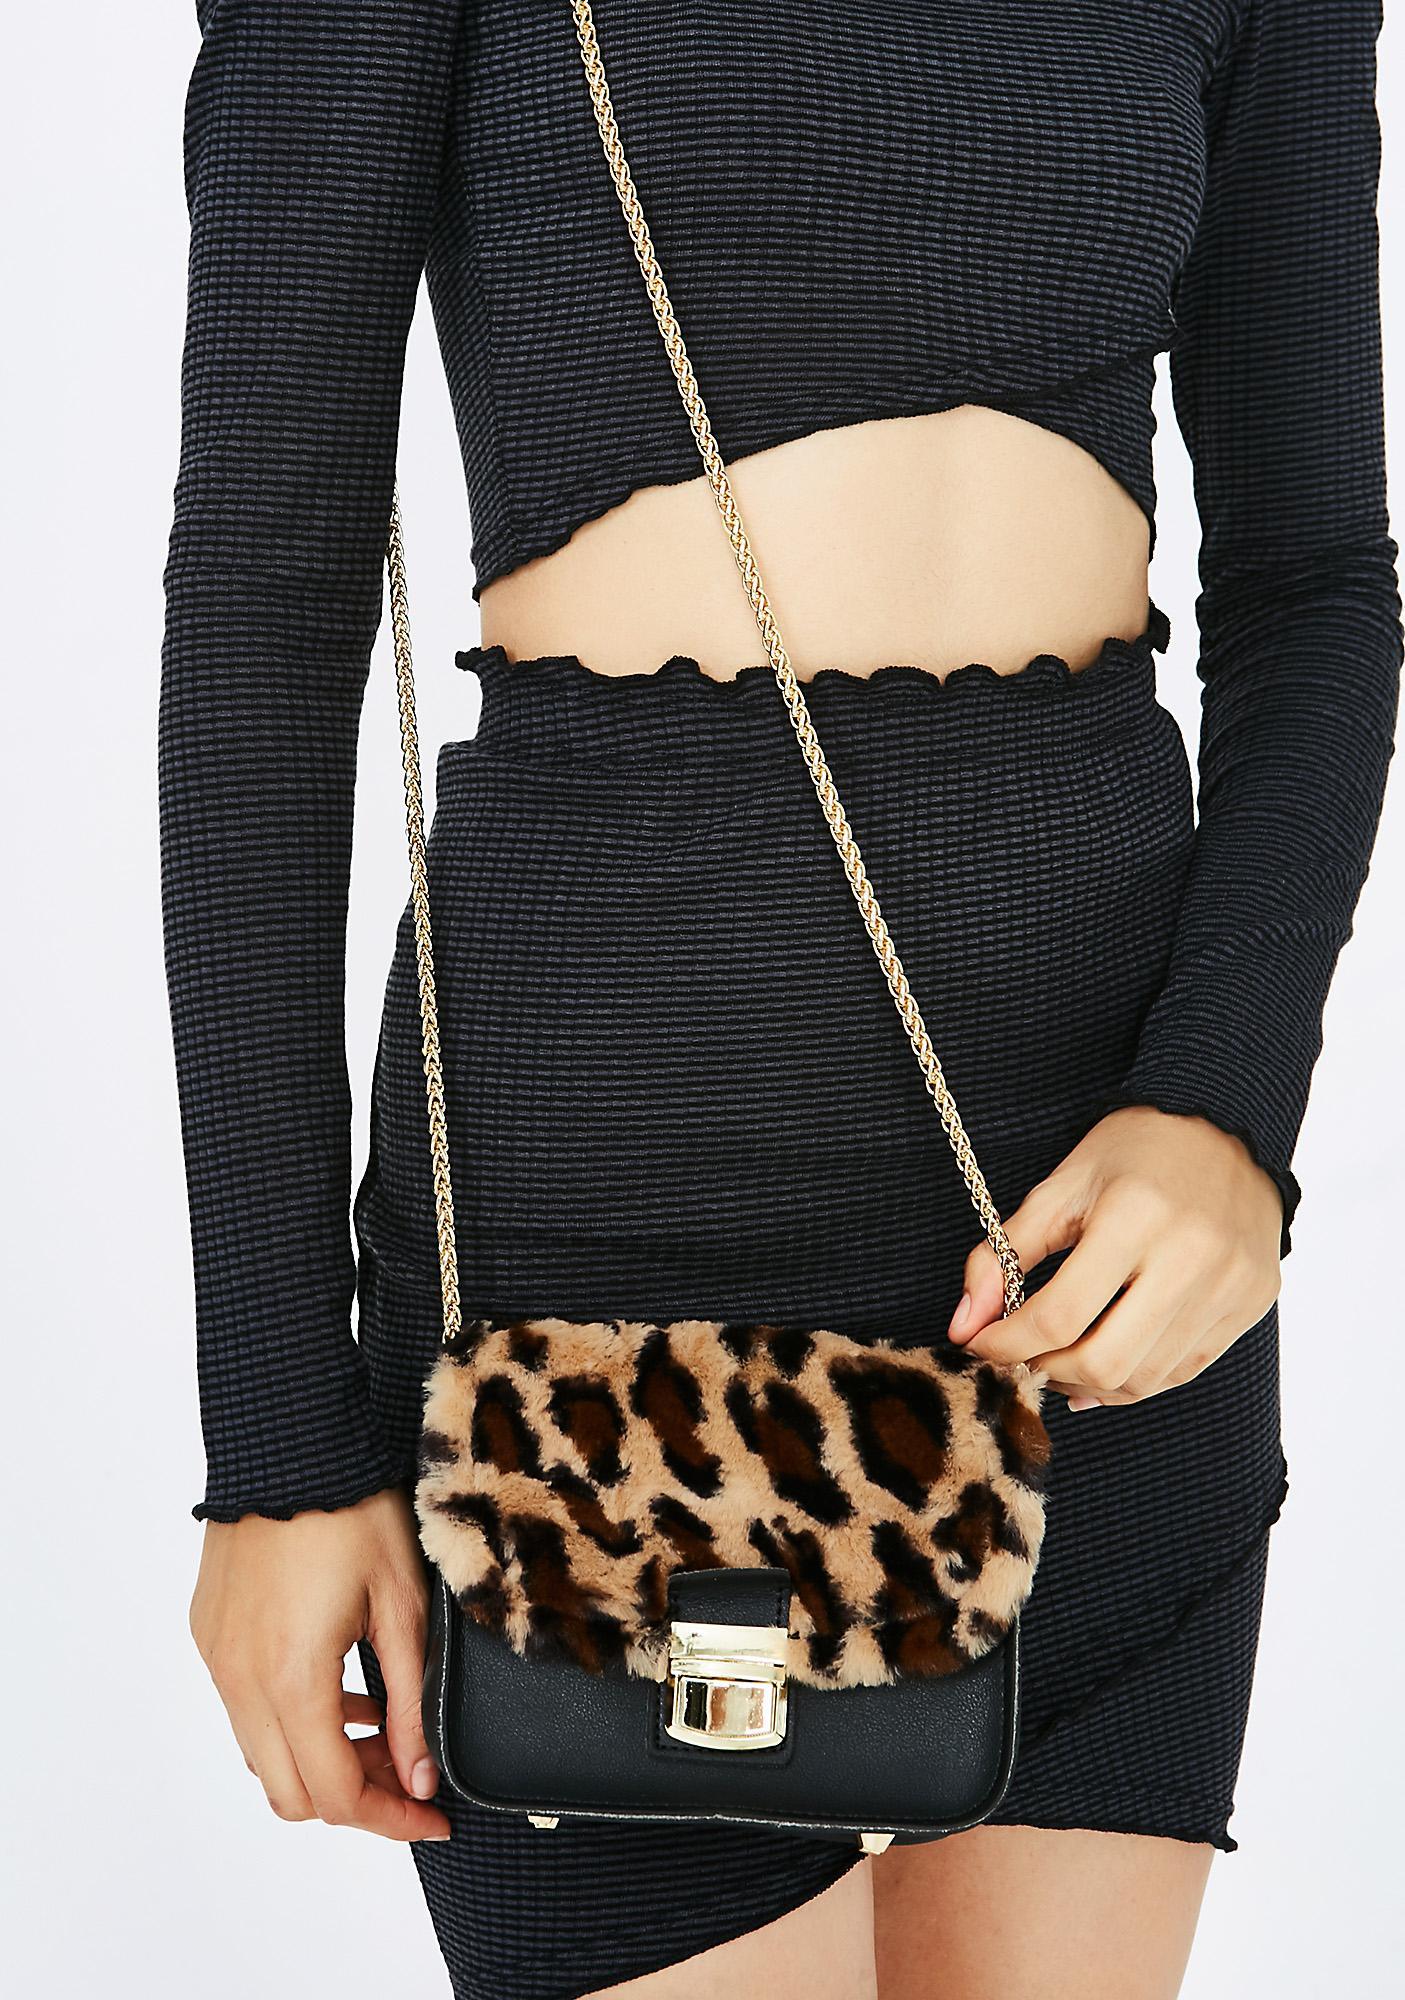 Furry Leopard Print Chain Bag   Dolls Kill e34caef34a